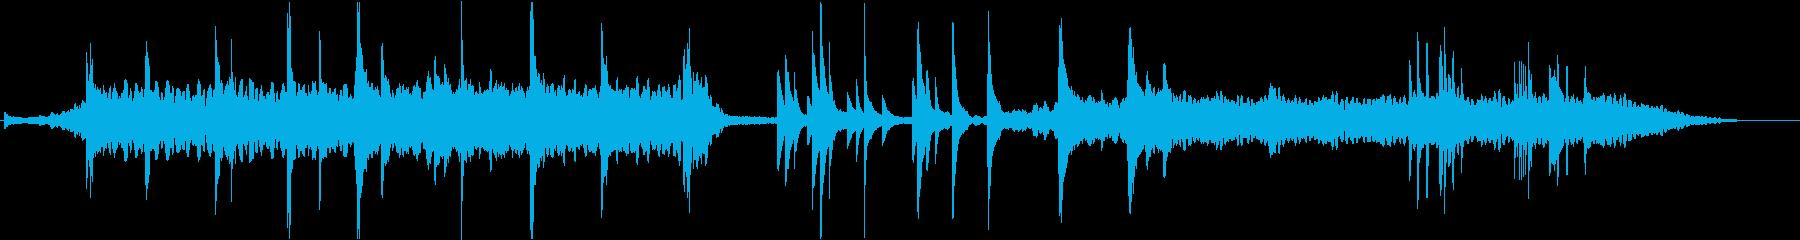 抽象的でダークなピアノの即興の再生済みの波形